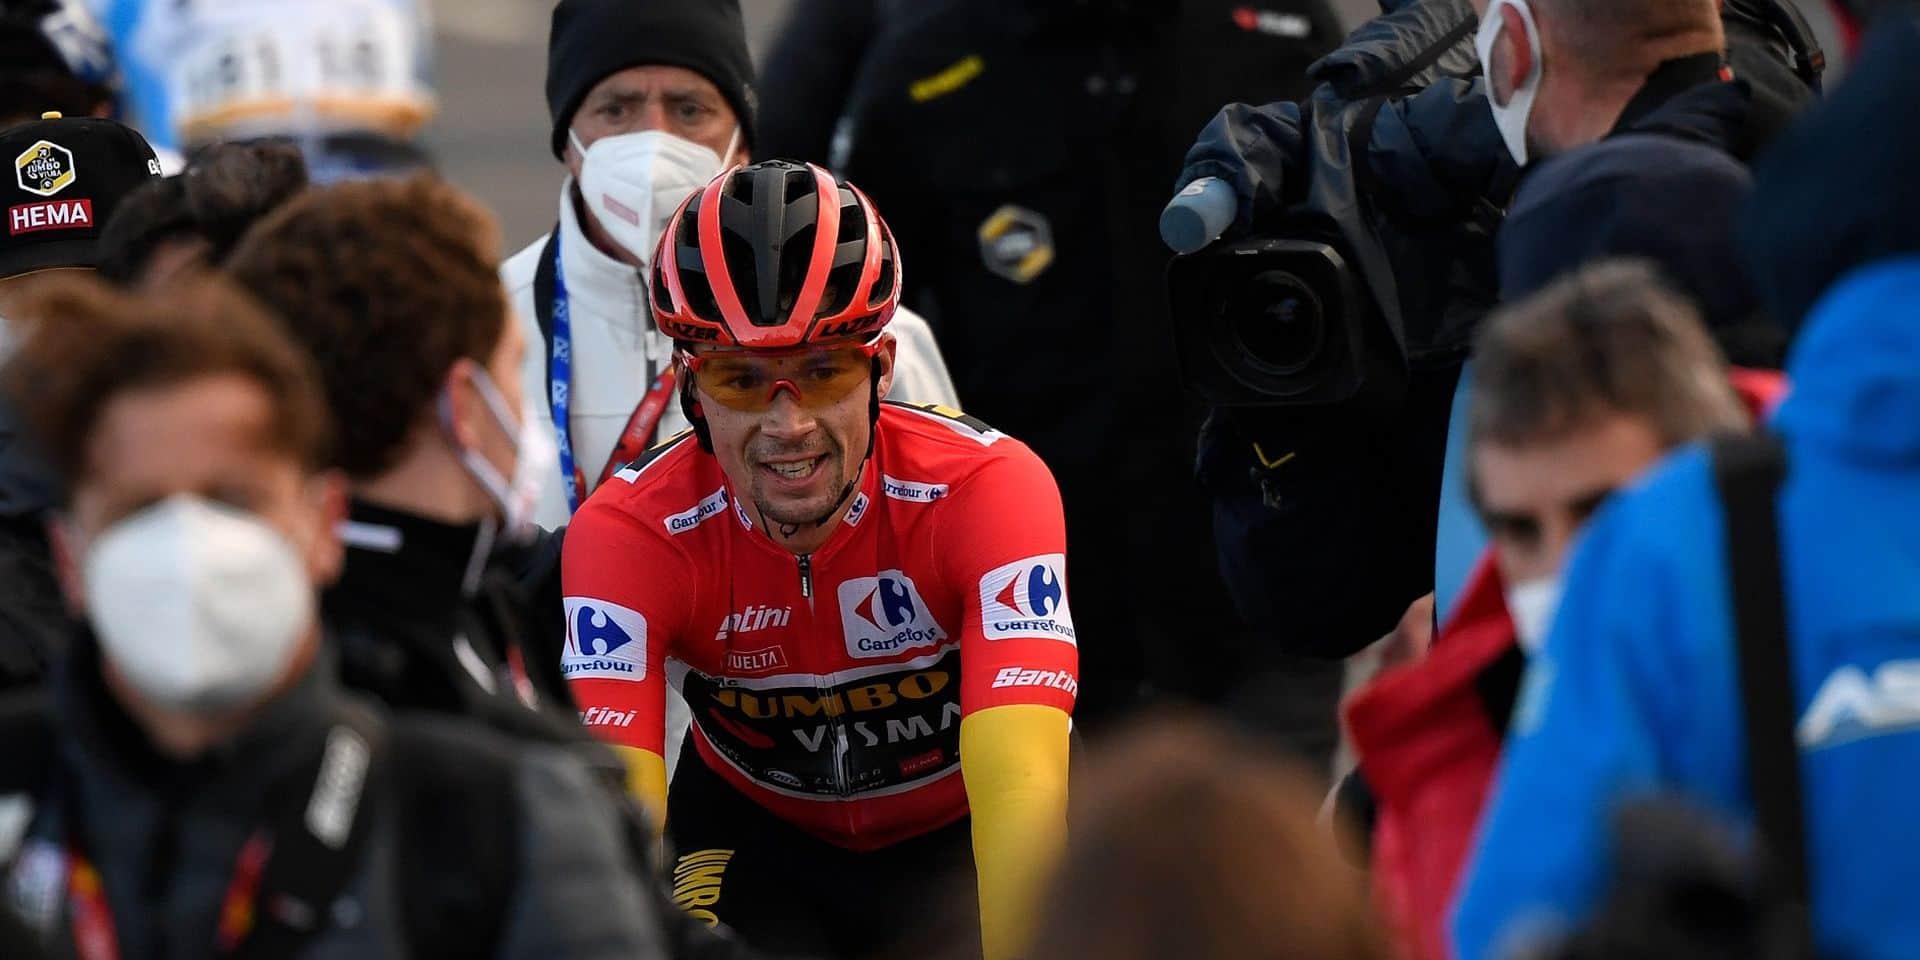 Vuelta: Gaudu récidive, Roglic conserve le maillot rouge et devrait remporter le Tour d'Espagne ce dimanche